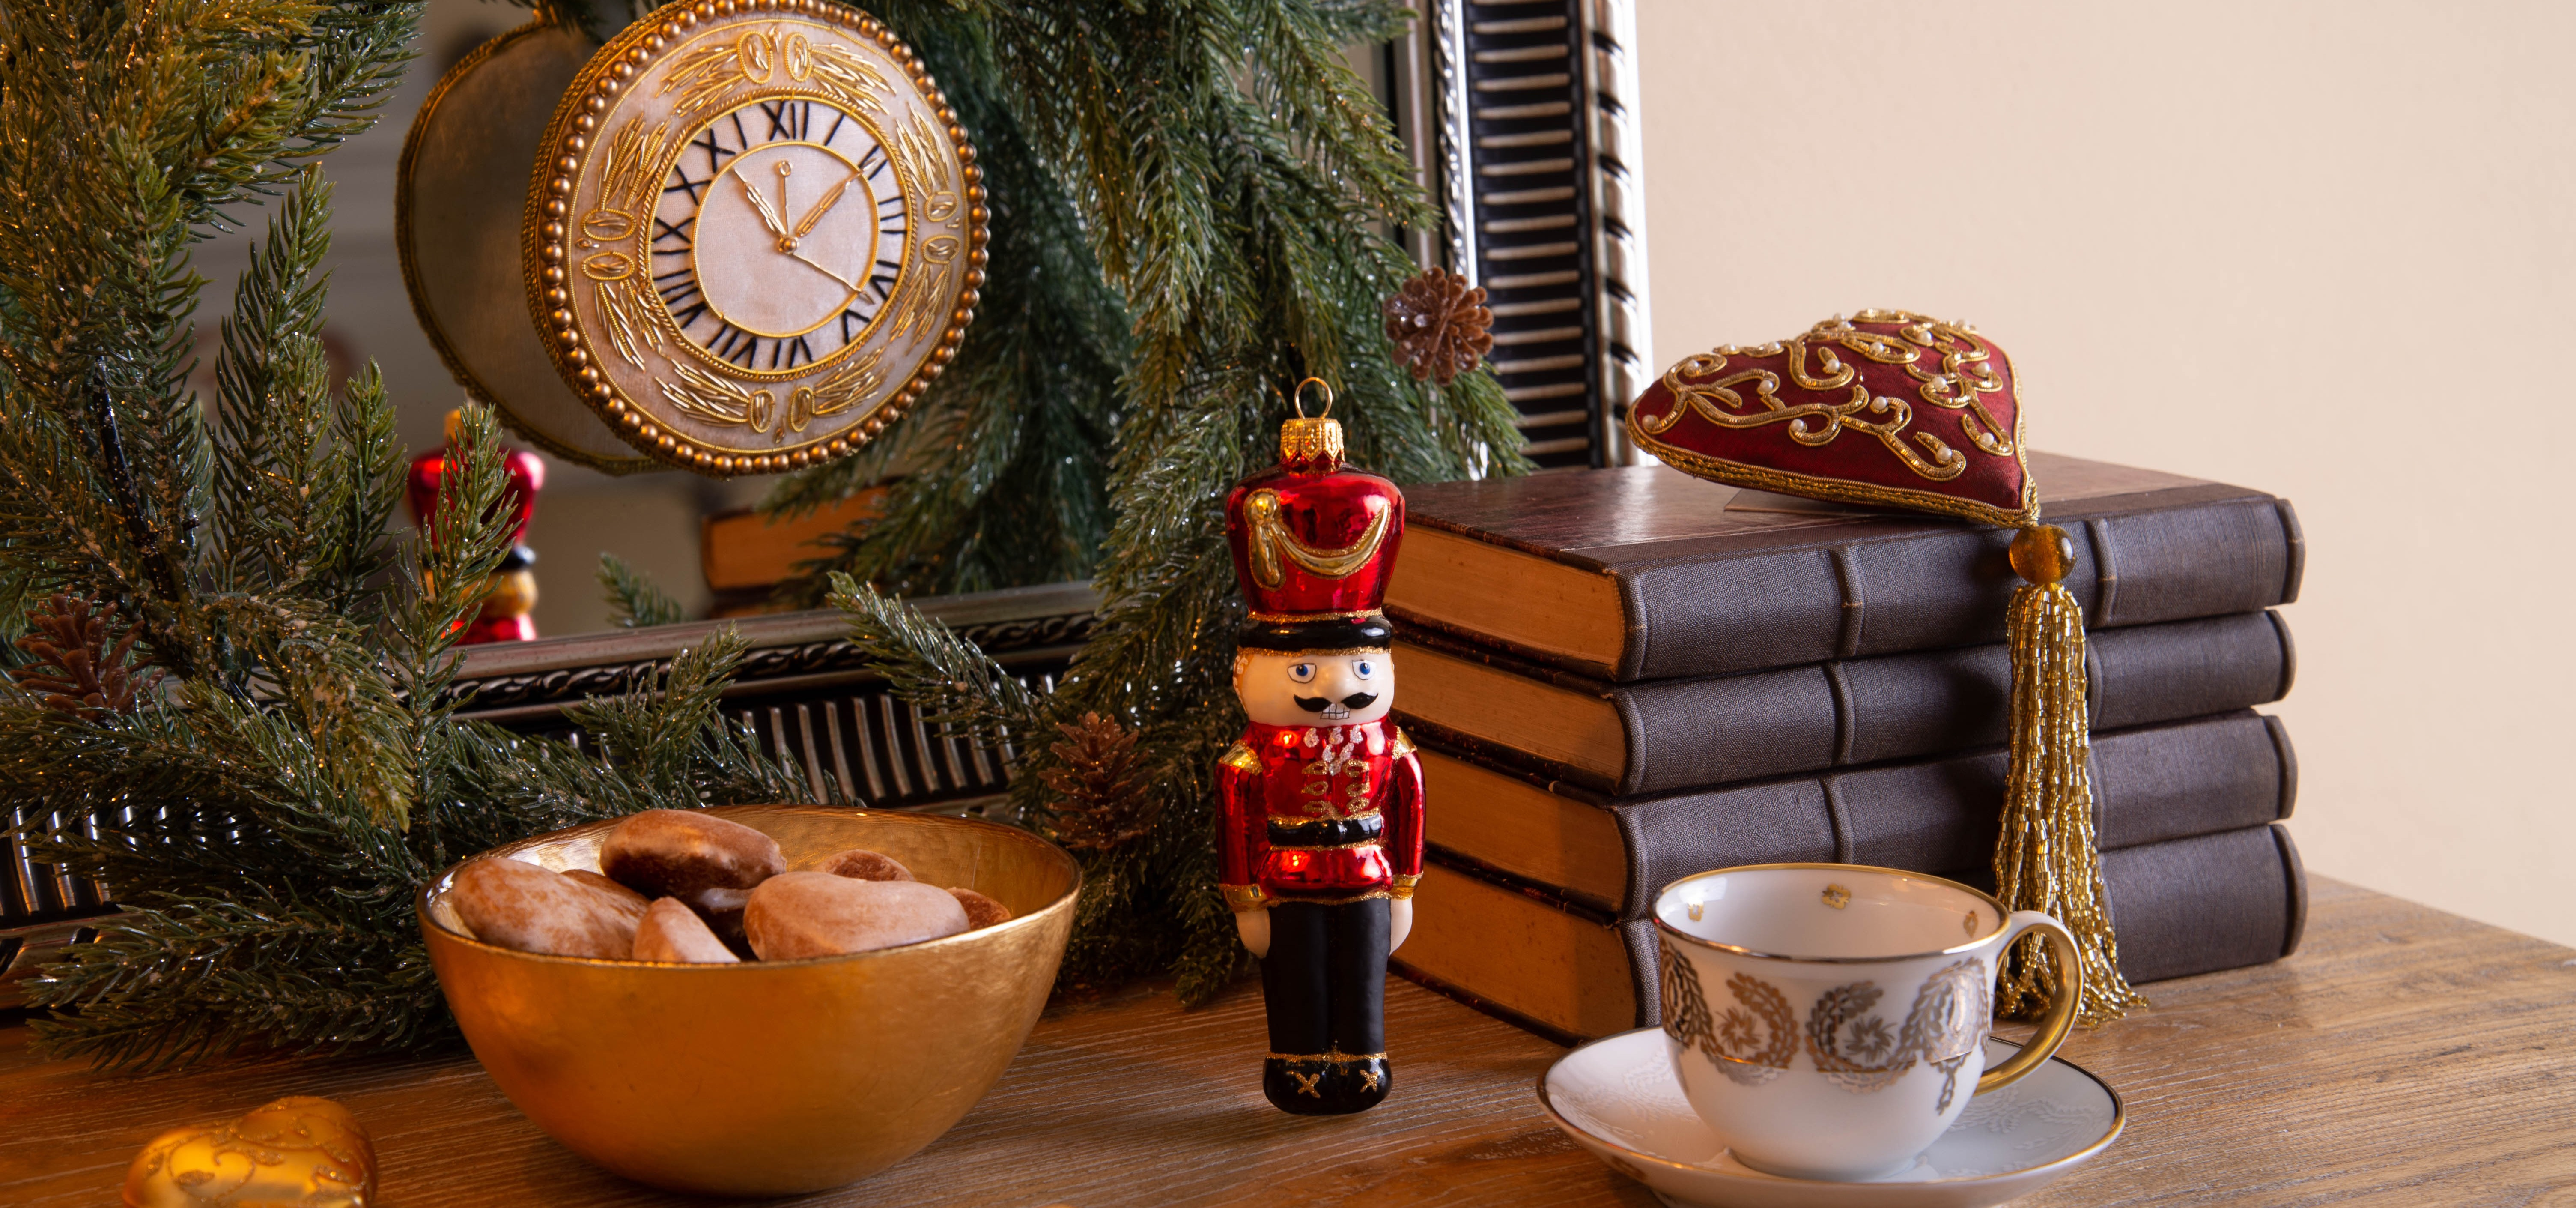 Najpiękniejsze ozdoby świąteczne od AlmiDecor